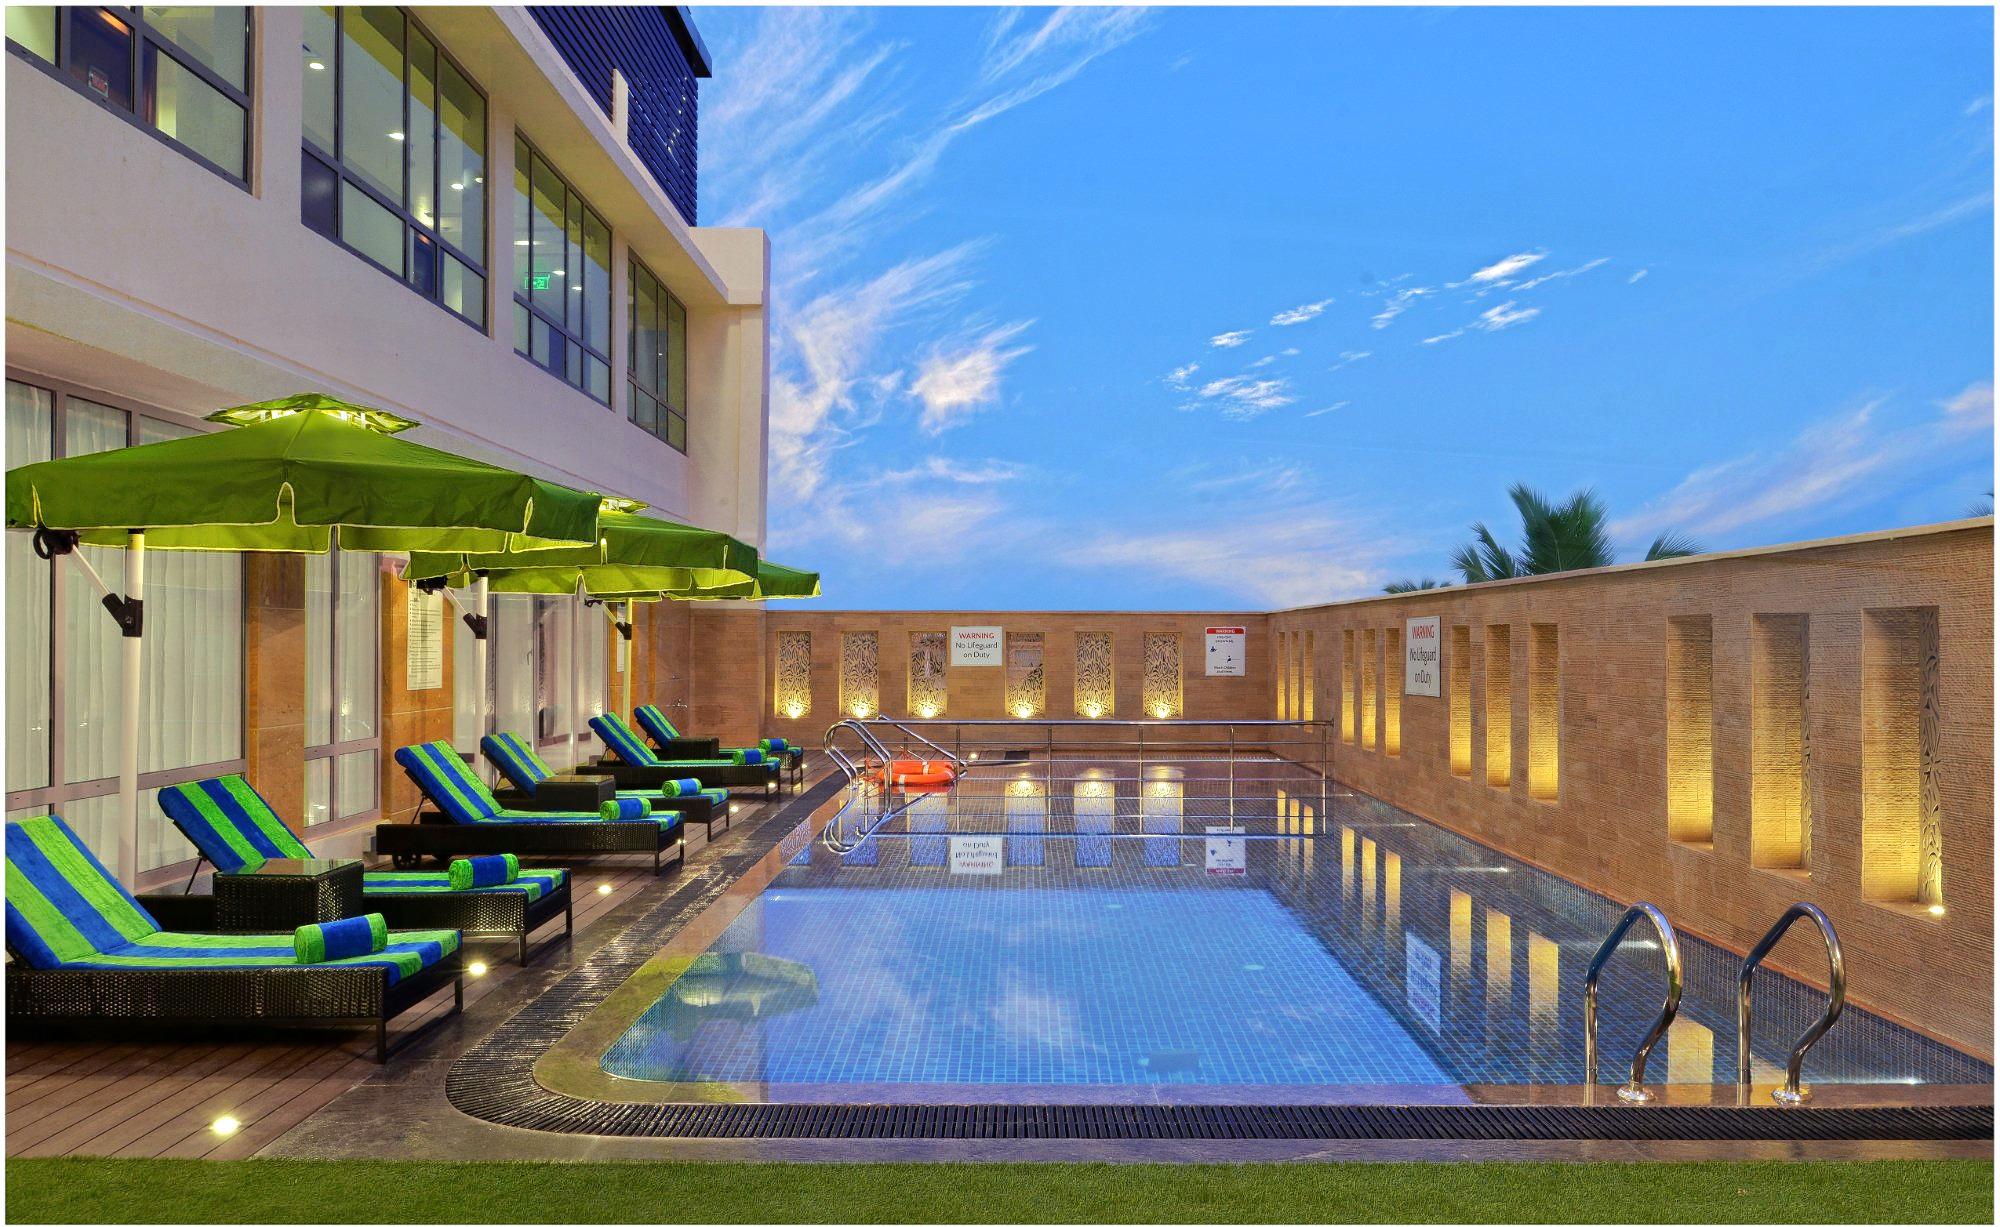 1596783947_swimming-pool.jpg